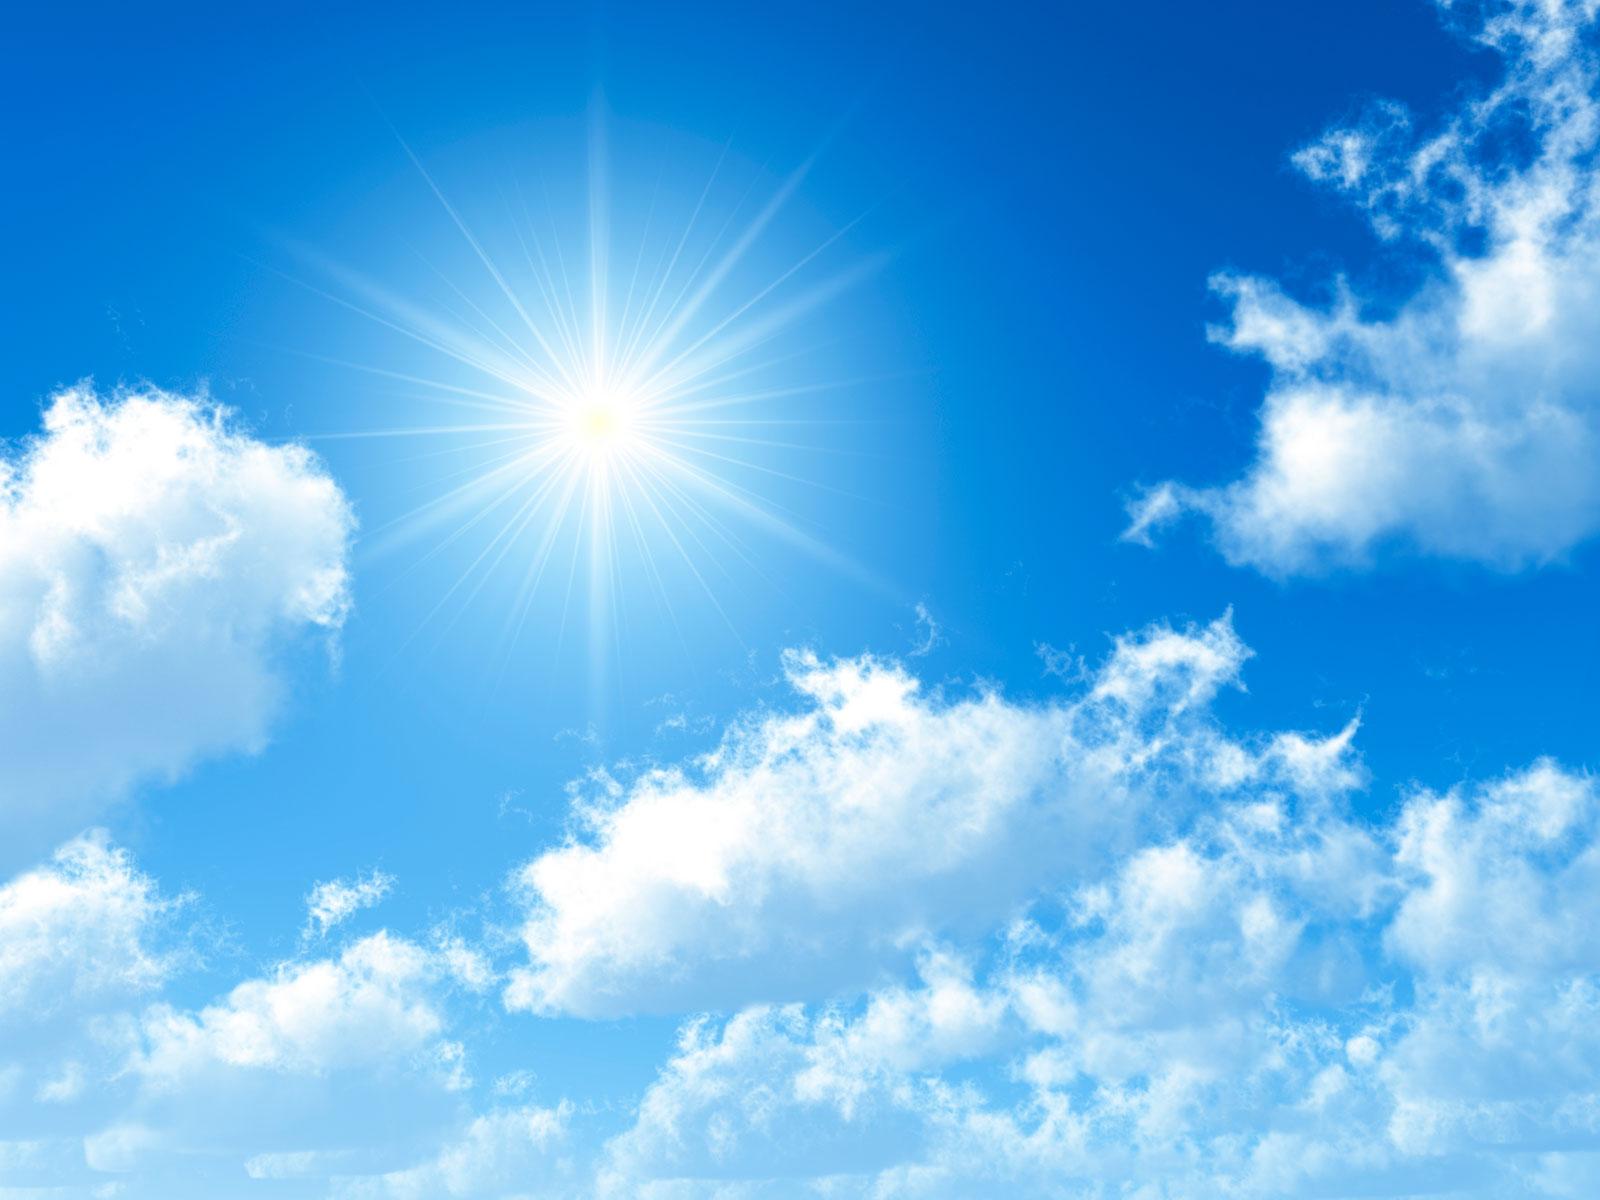 Открытки с видом солнца